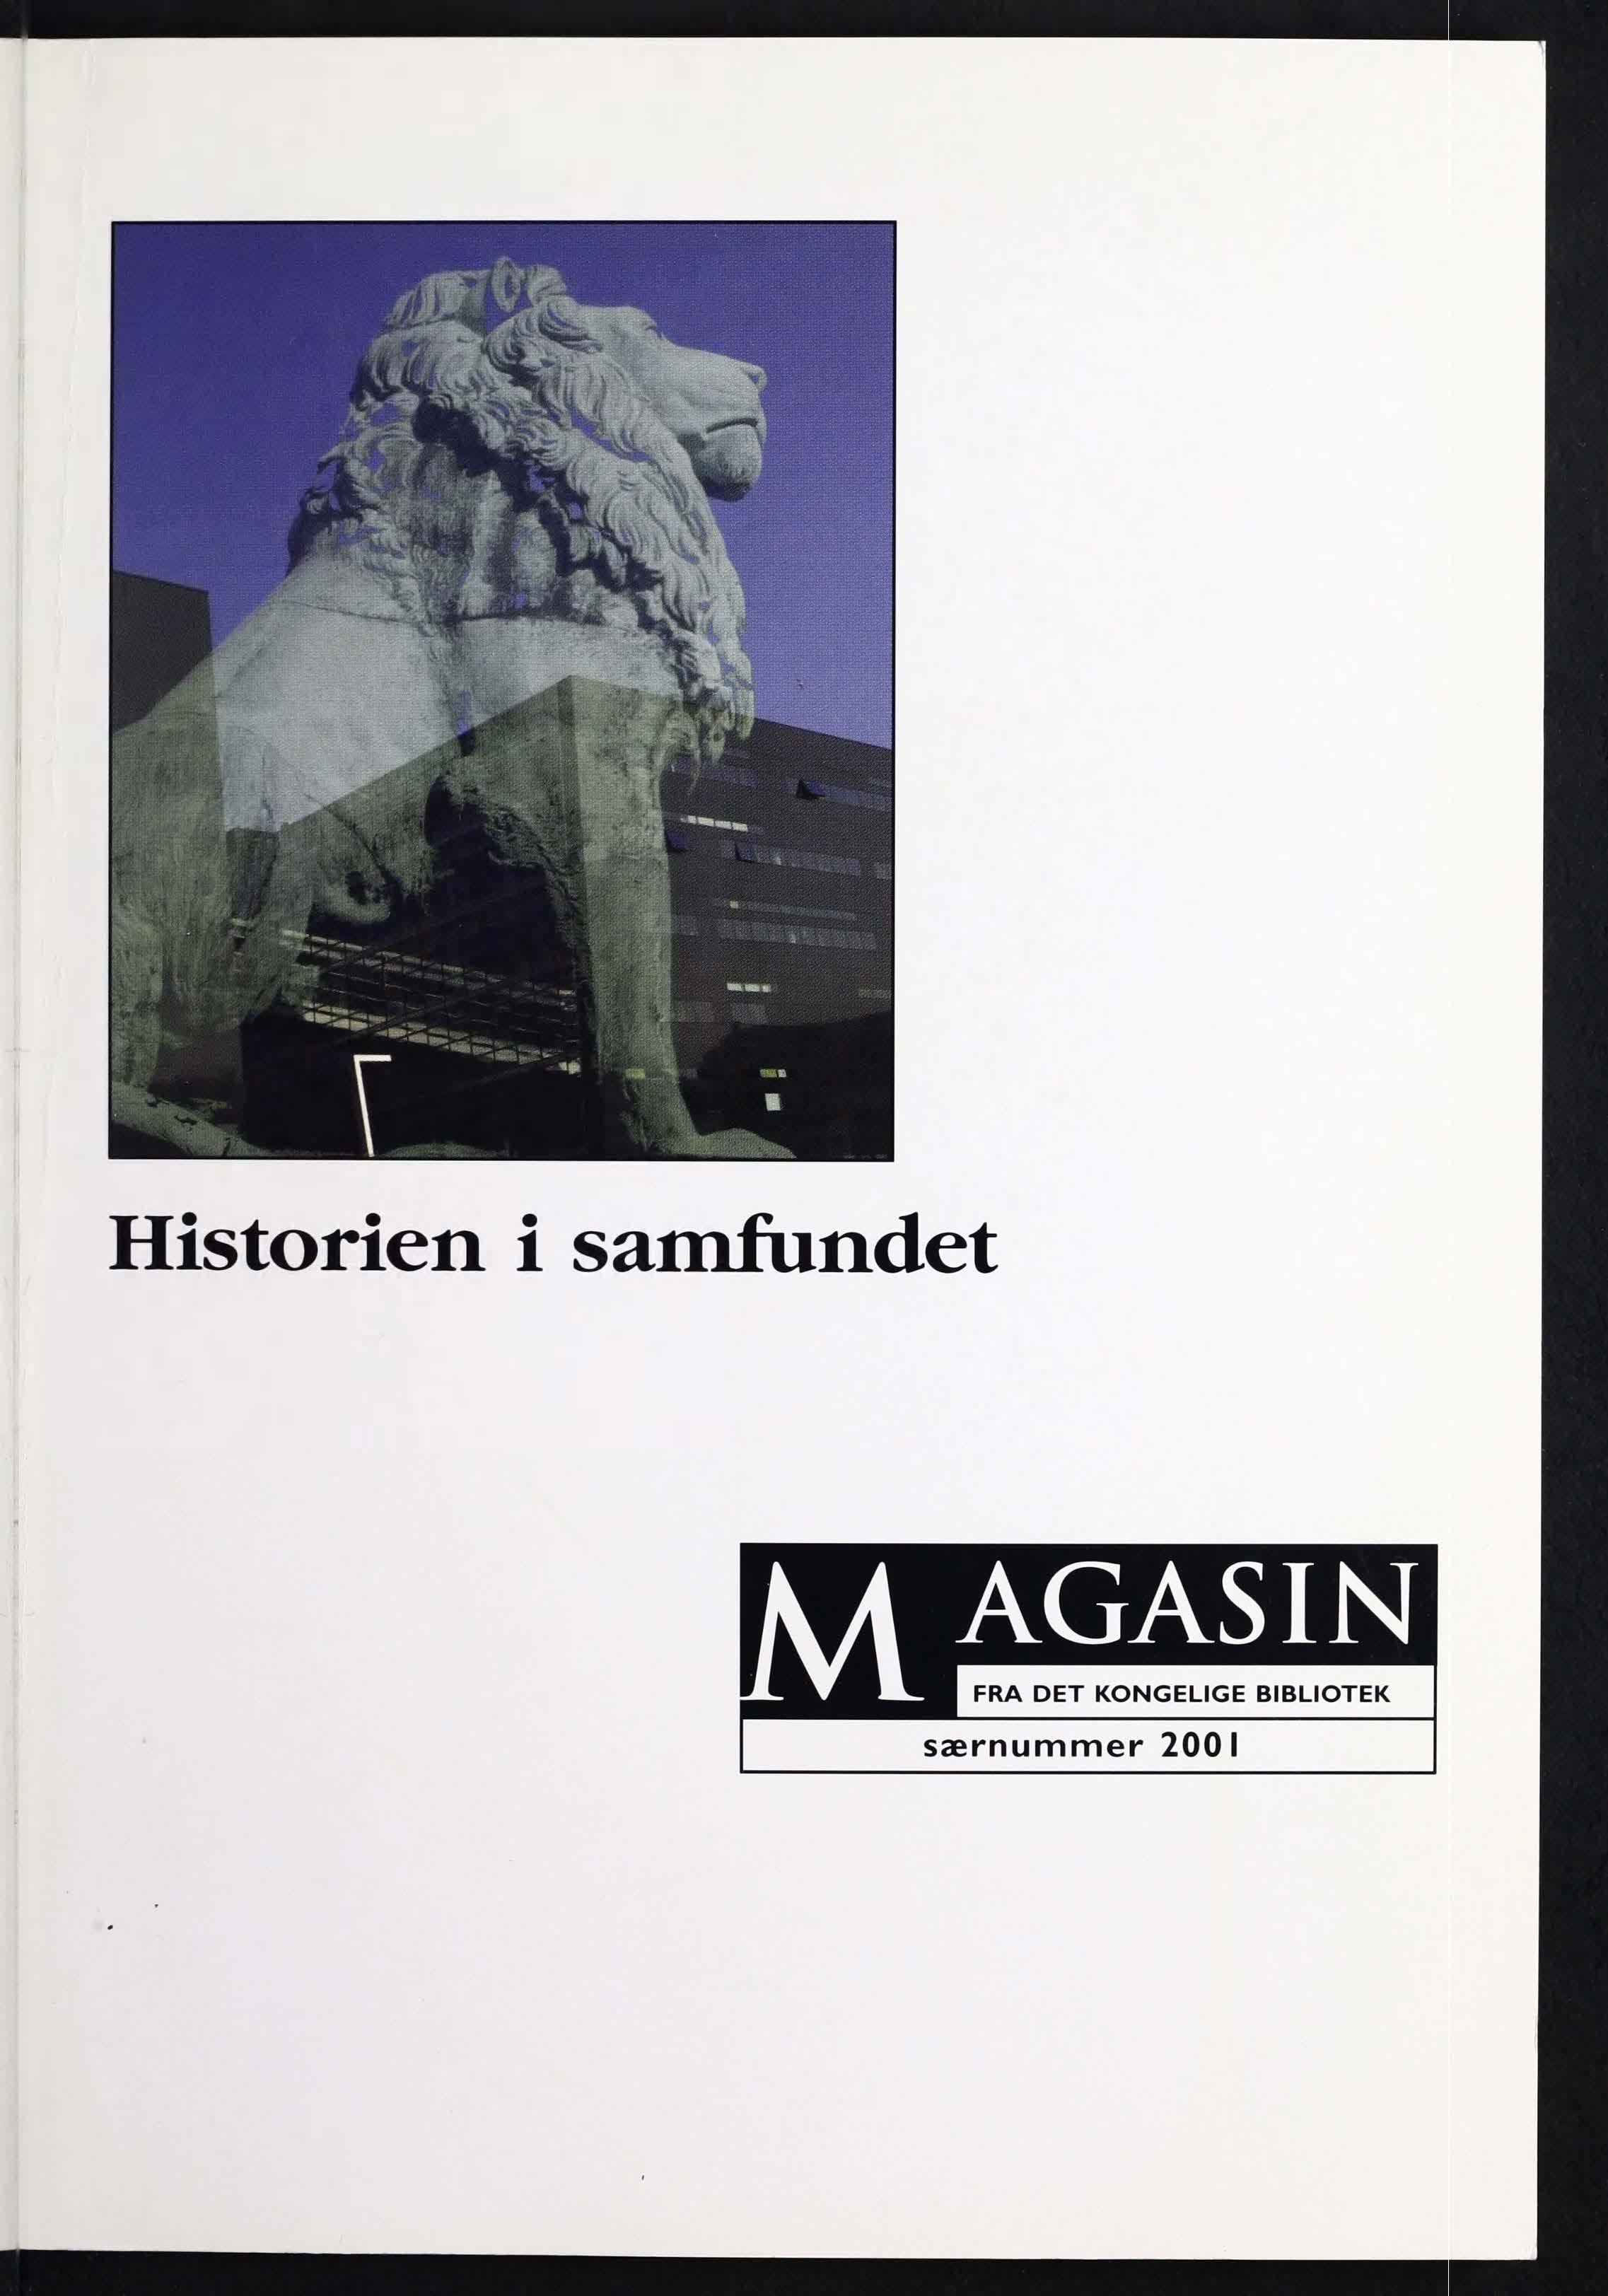 Se 2001: Historien i samfundet. Særnummer 2001